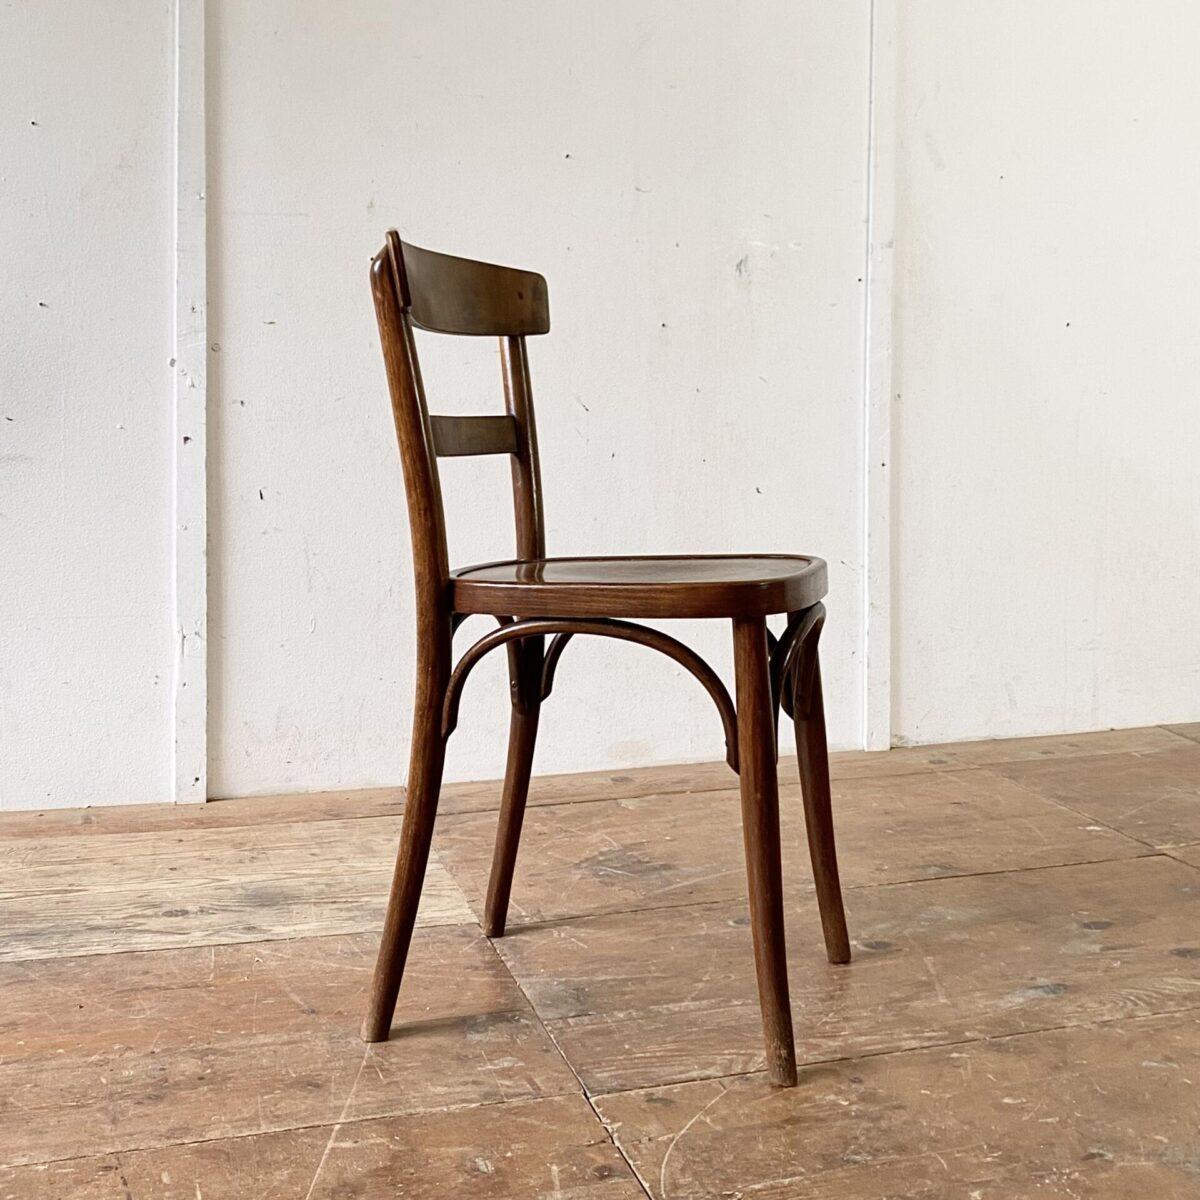 Deuxieme.shop 6er Set dunkle Horgenglarus Stühle. Sitzfläche und Lehne Sperrholz, der Rest ist aus Dampfgebogenem Buchen Vollholz. Die Stühle sind in stabilem Zustand.